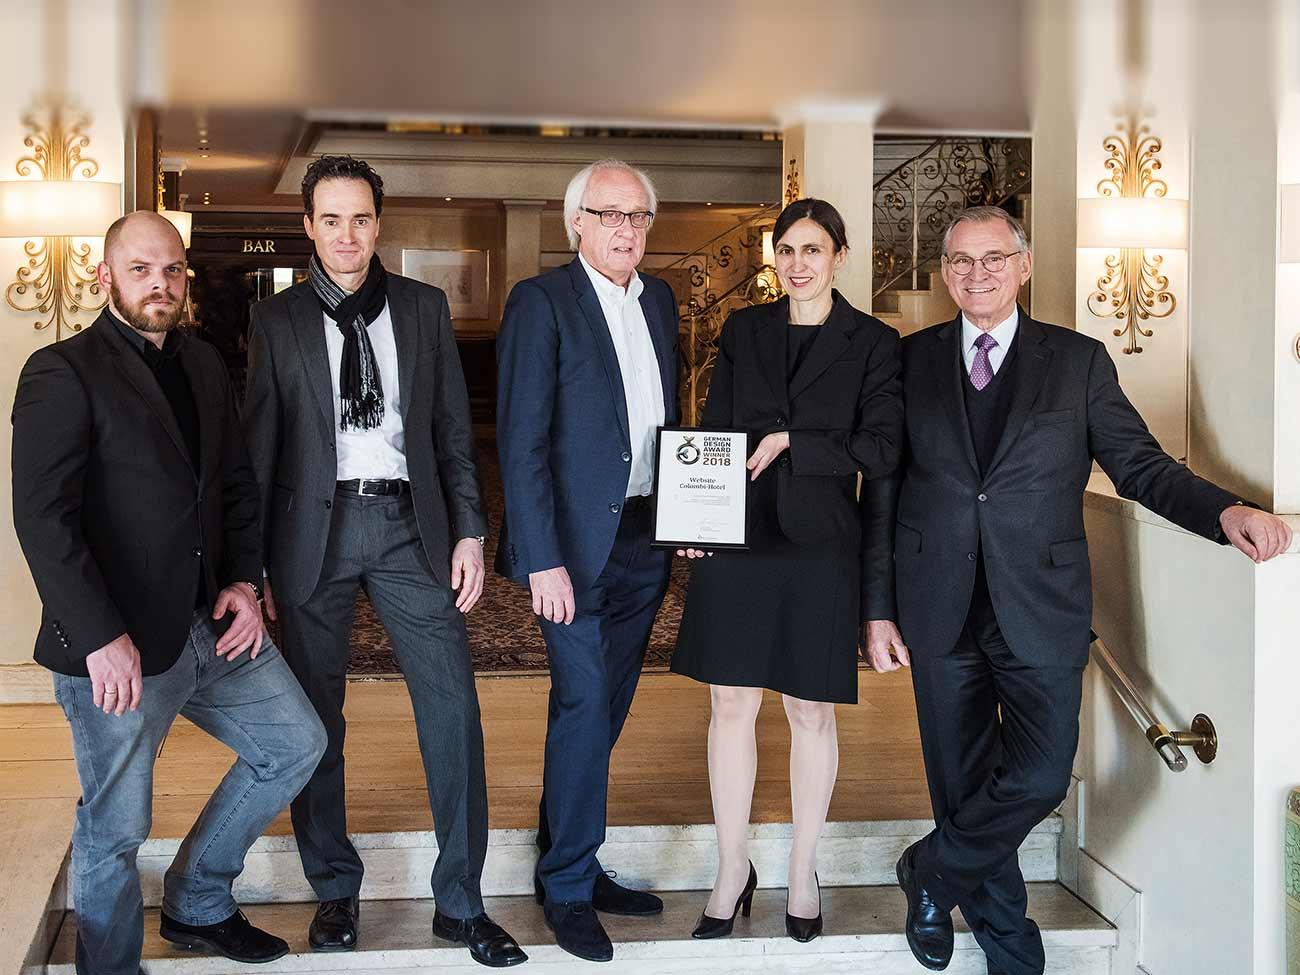 Schleiner und Partner gewinnen den German Design Award für die Webseite des Colombi Hotels in Freiburg www.colombi.de